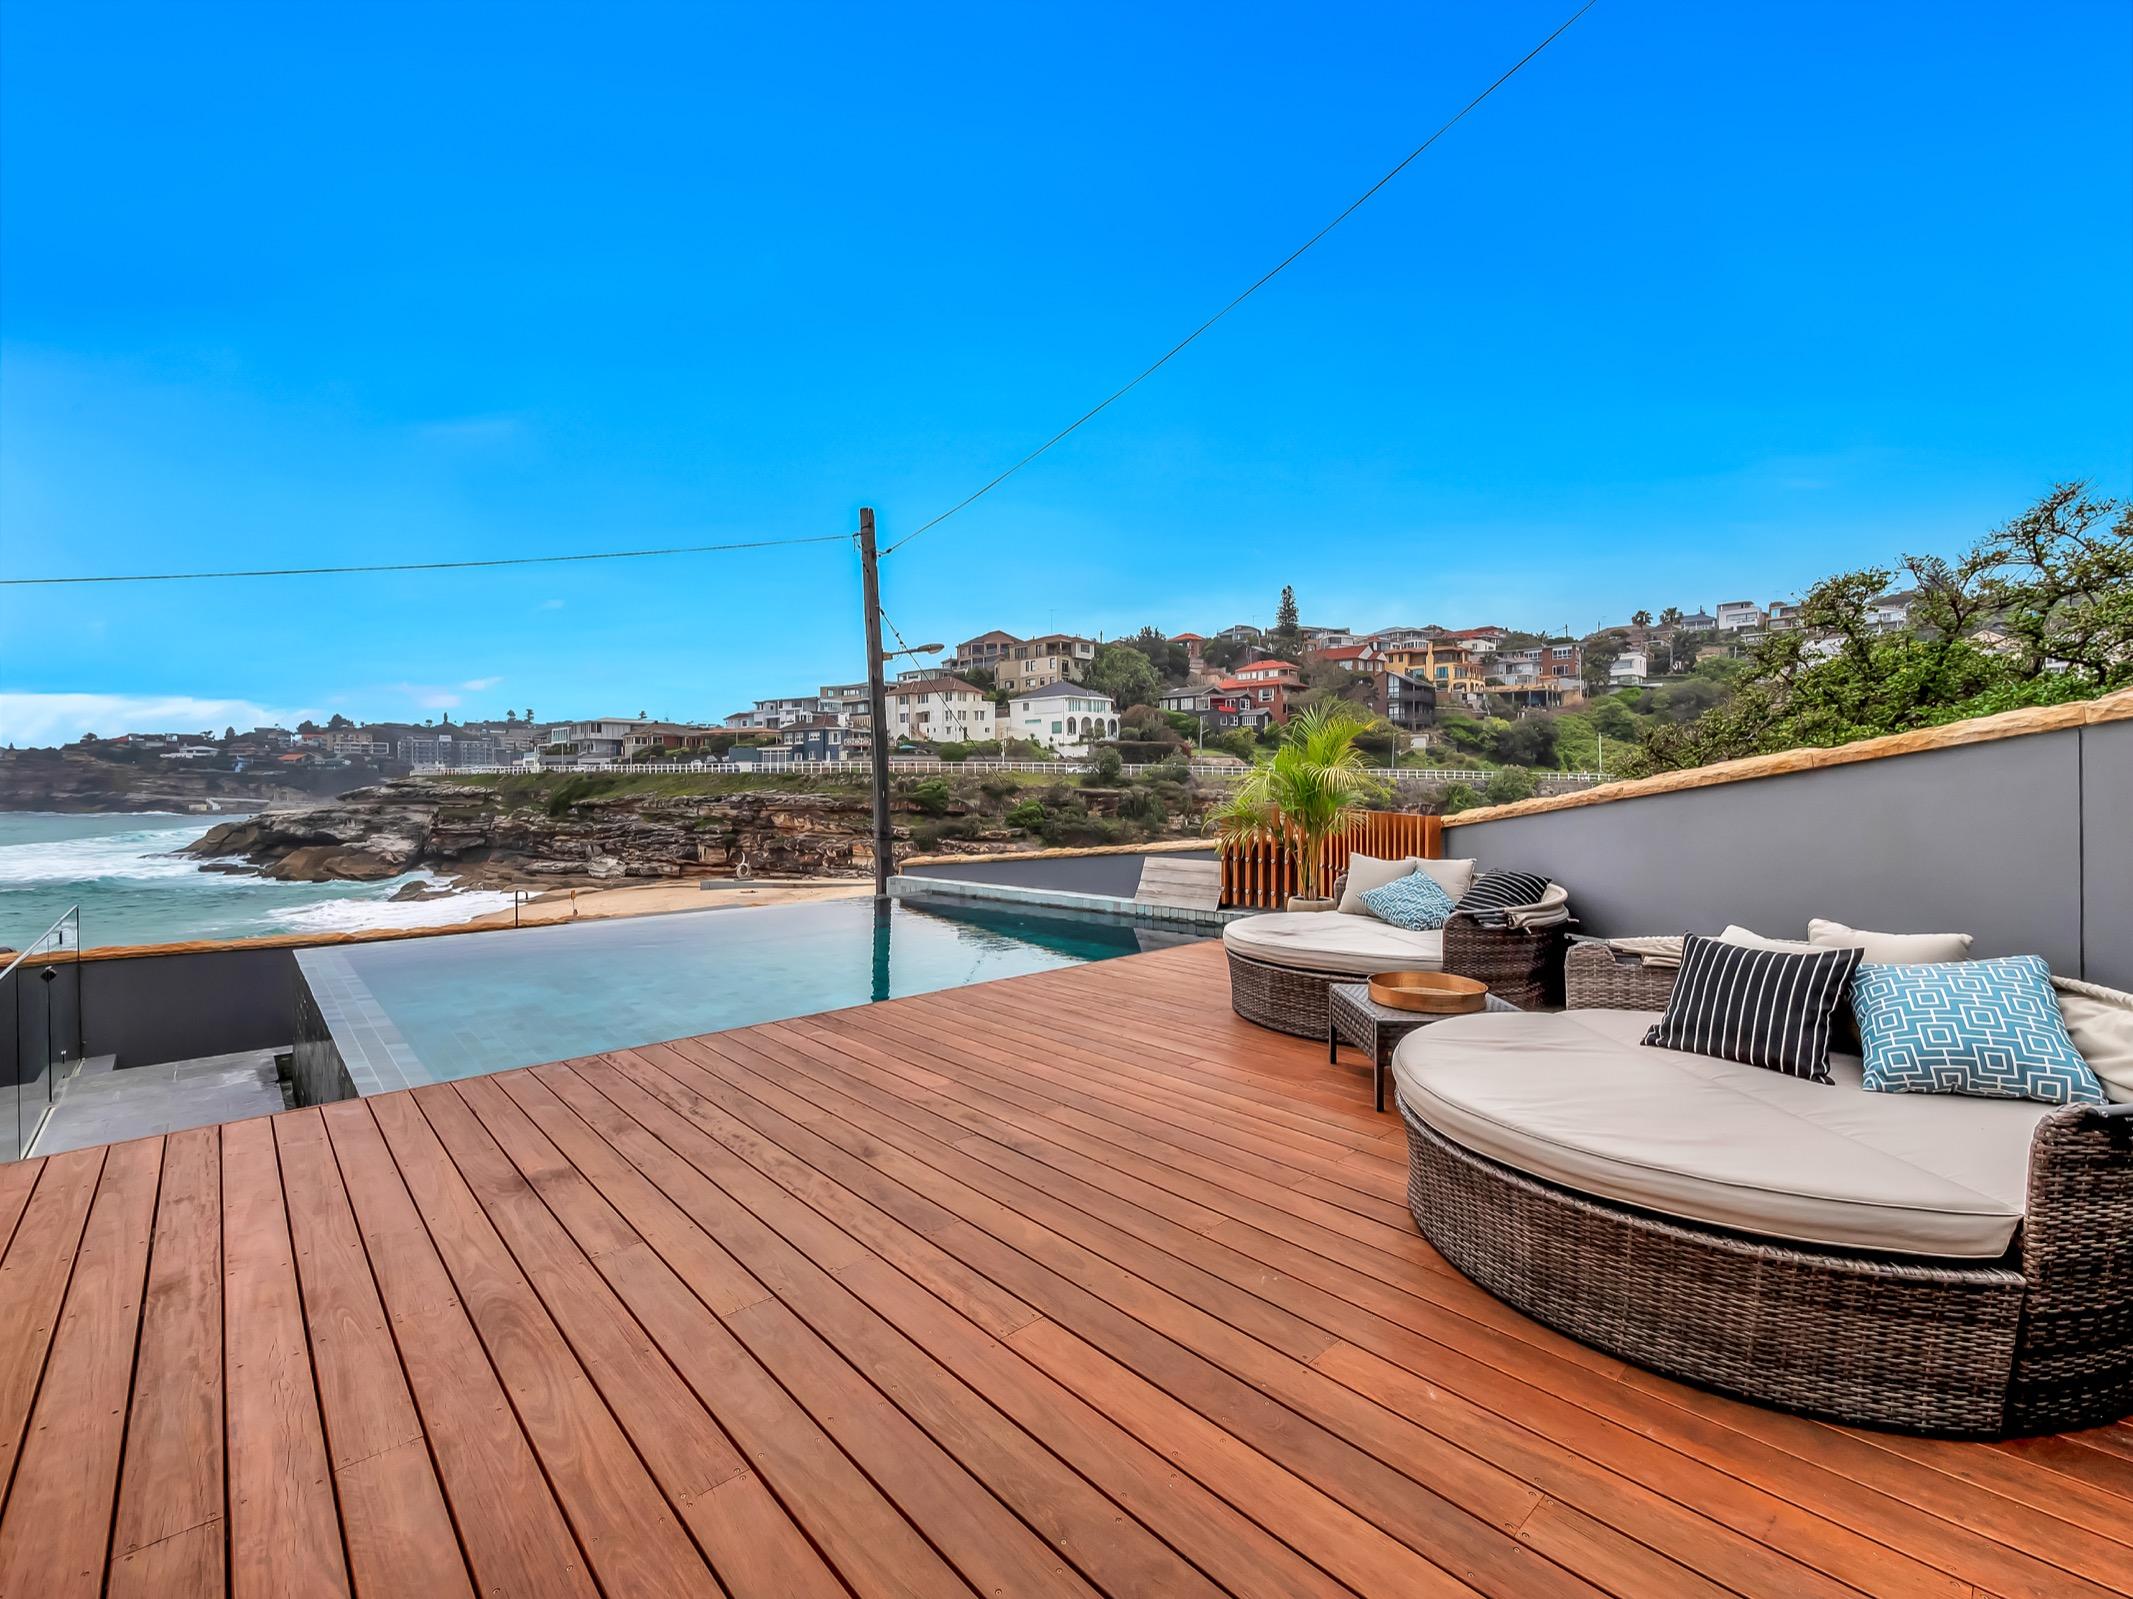 Beachfront Tamarama Residence. Bondi Beach Holiday Homes6.jpg